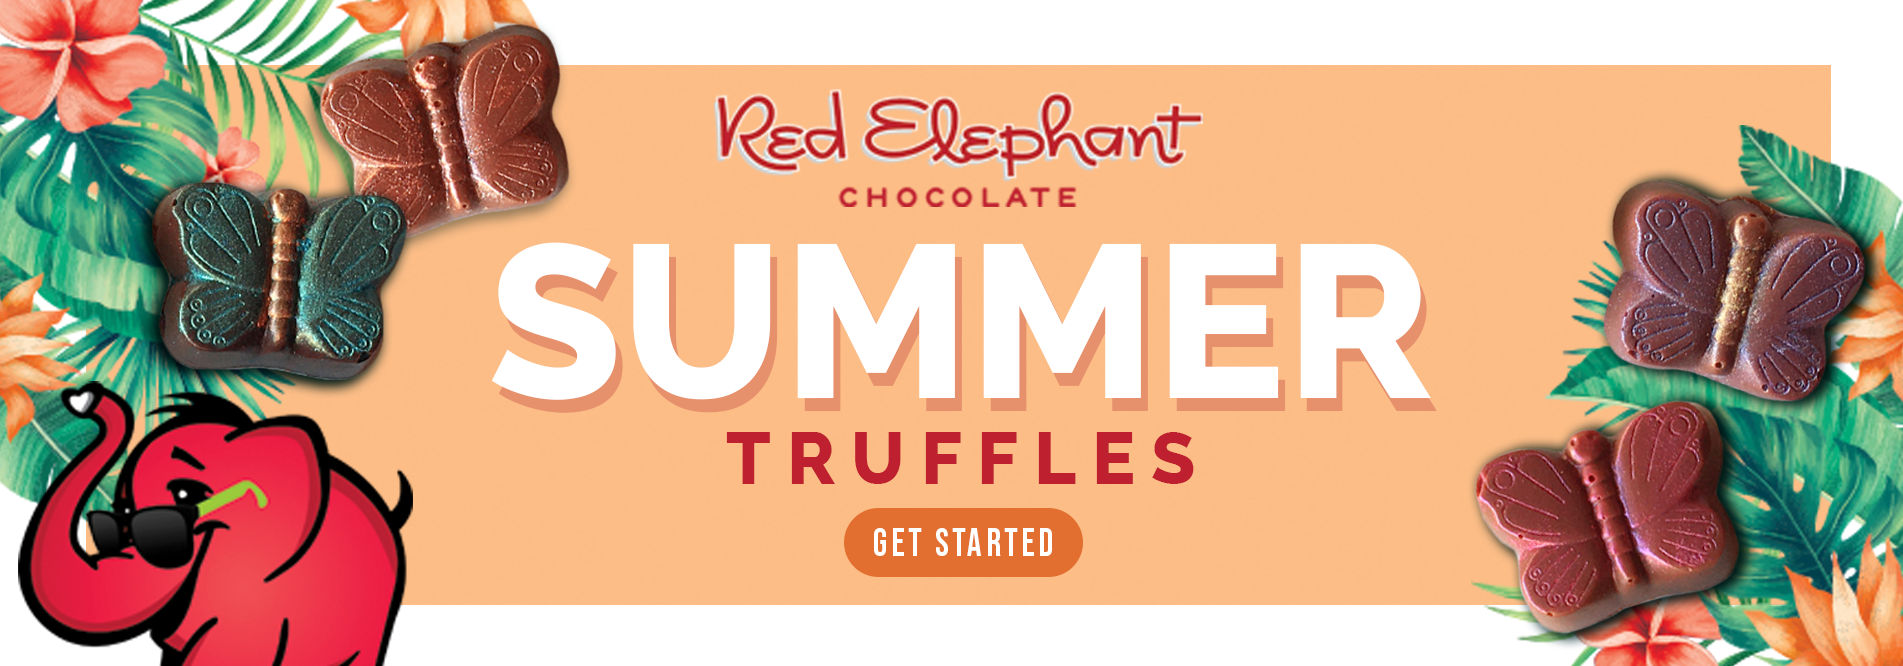 banner-summer-truffles-2.png